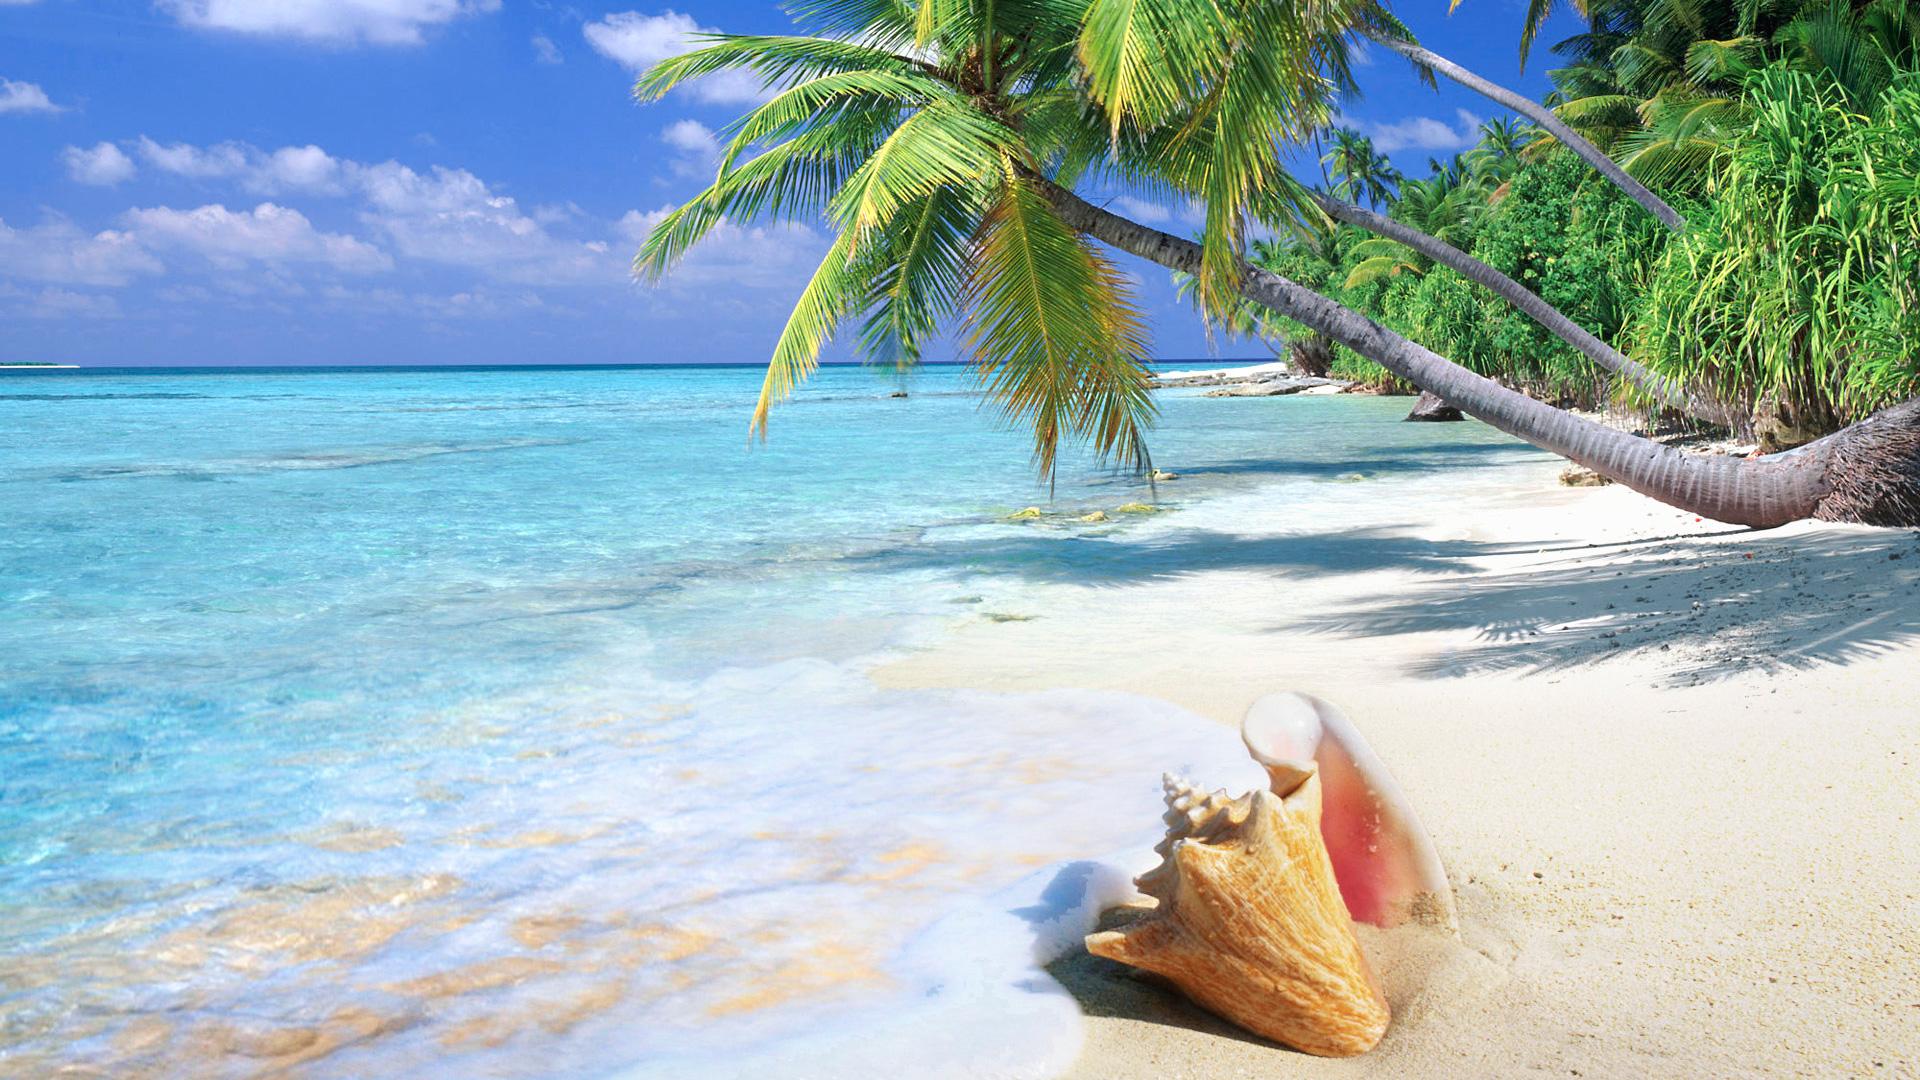 hd wallpaper tropical beach shell wallpapers55com   Best Wallpapers 1920x1080